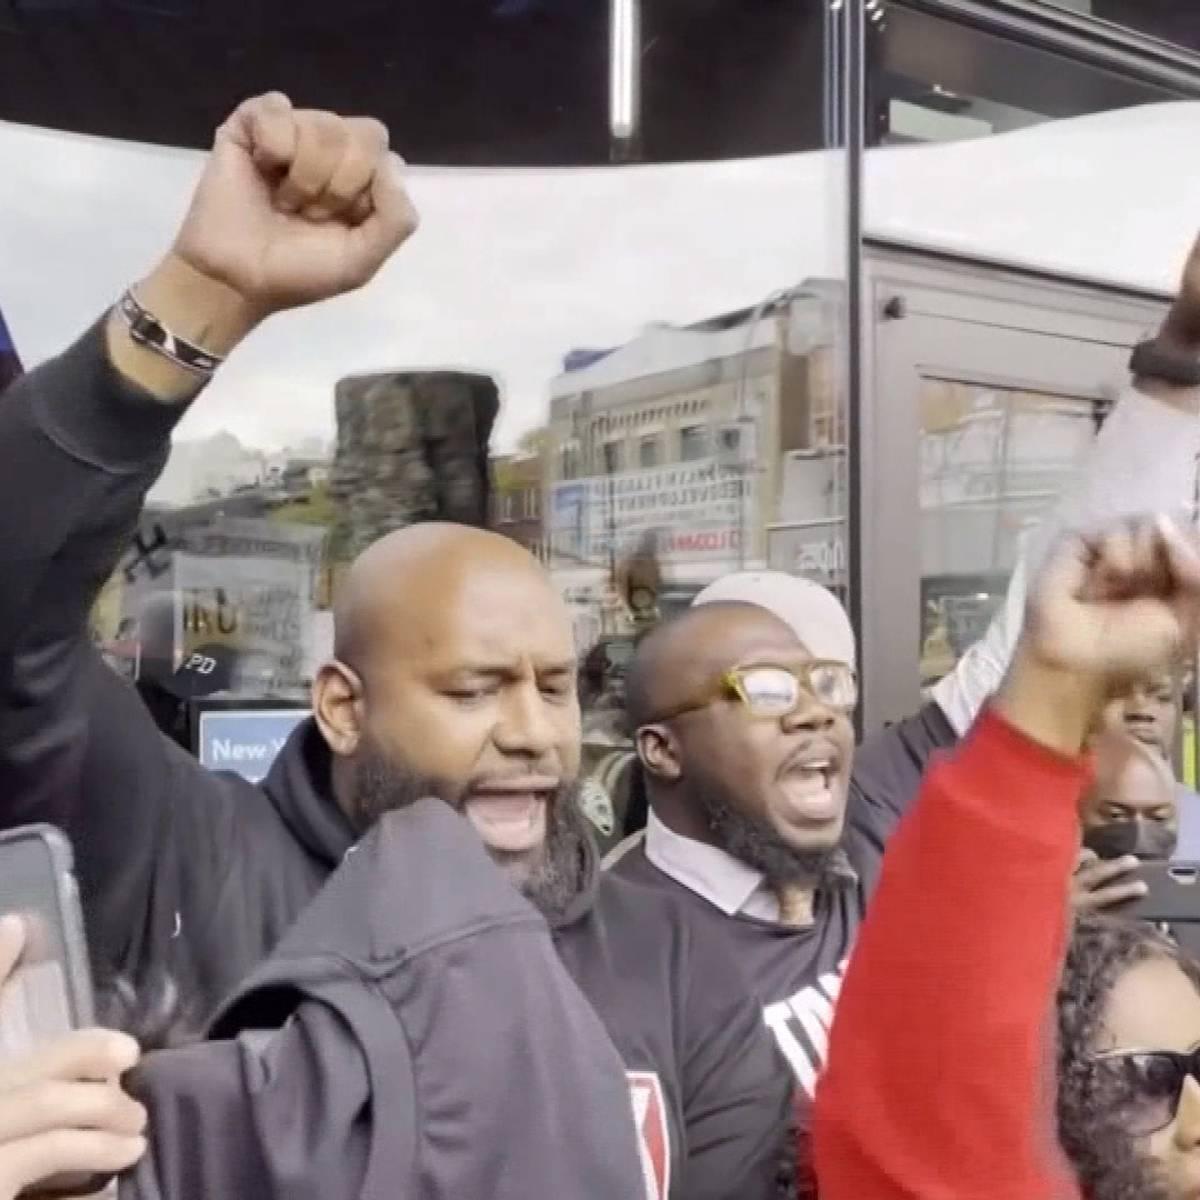 Ausschreitungen! Fans protestieren für Kyrie Irving